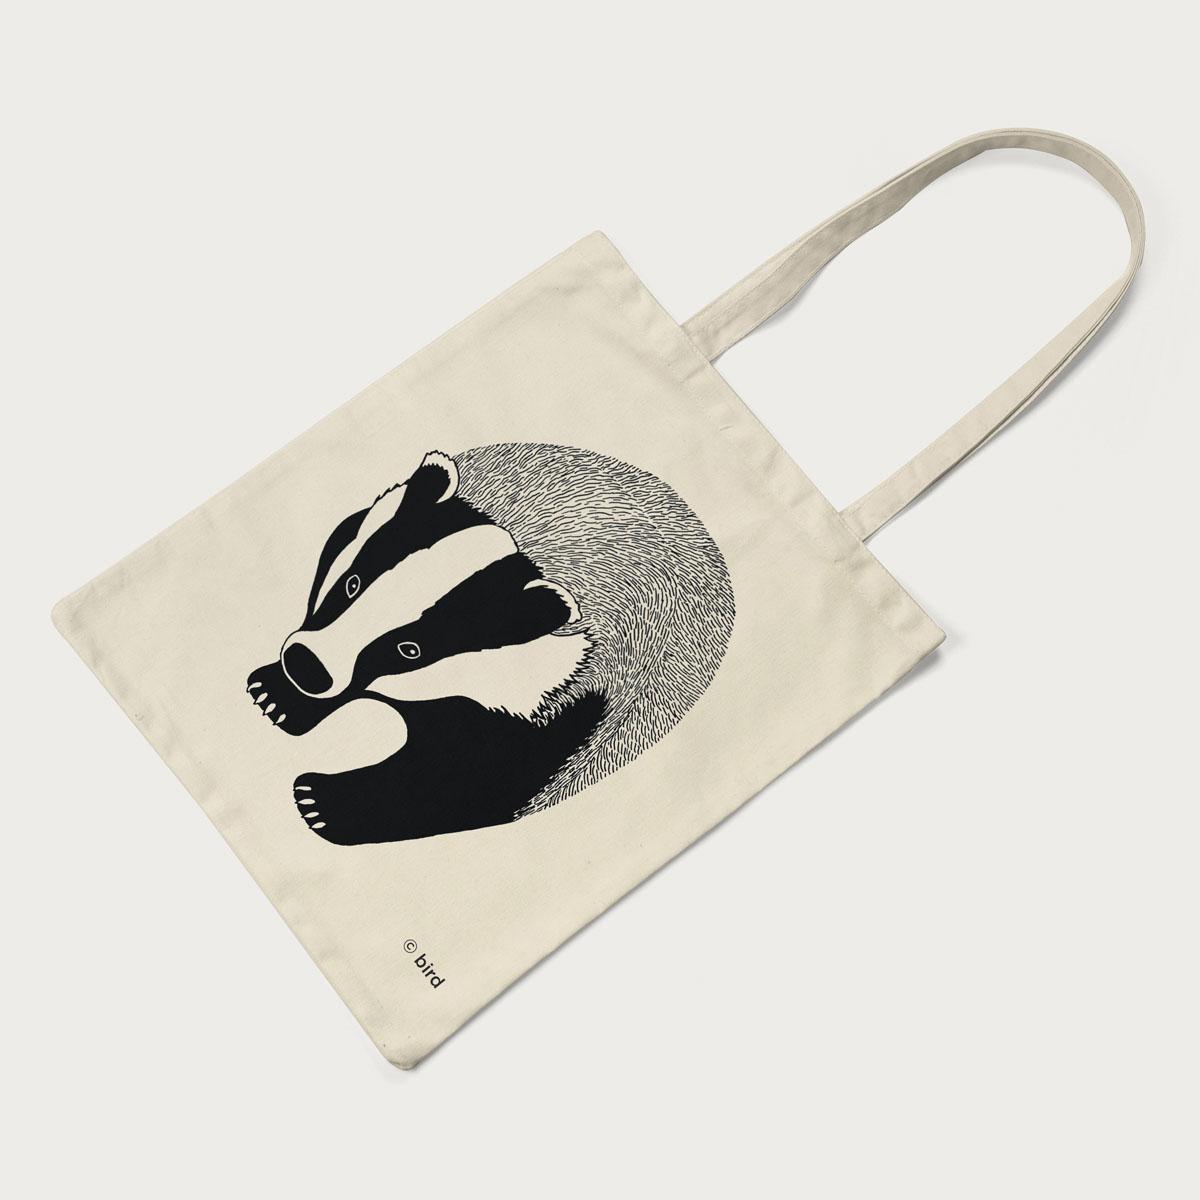 Badger Screen Printed Cotton Tote Bag Tote